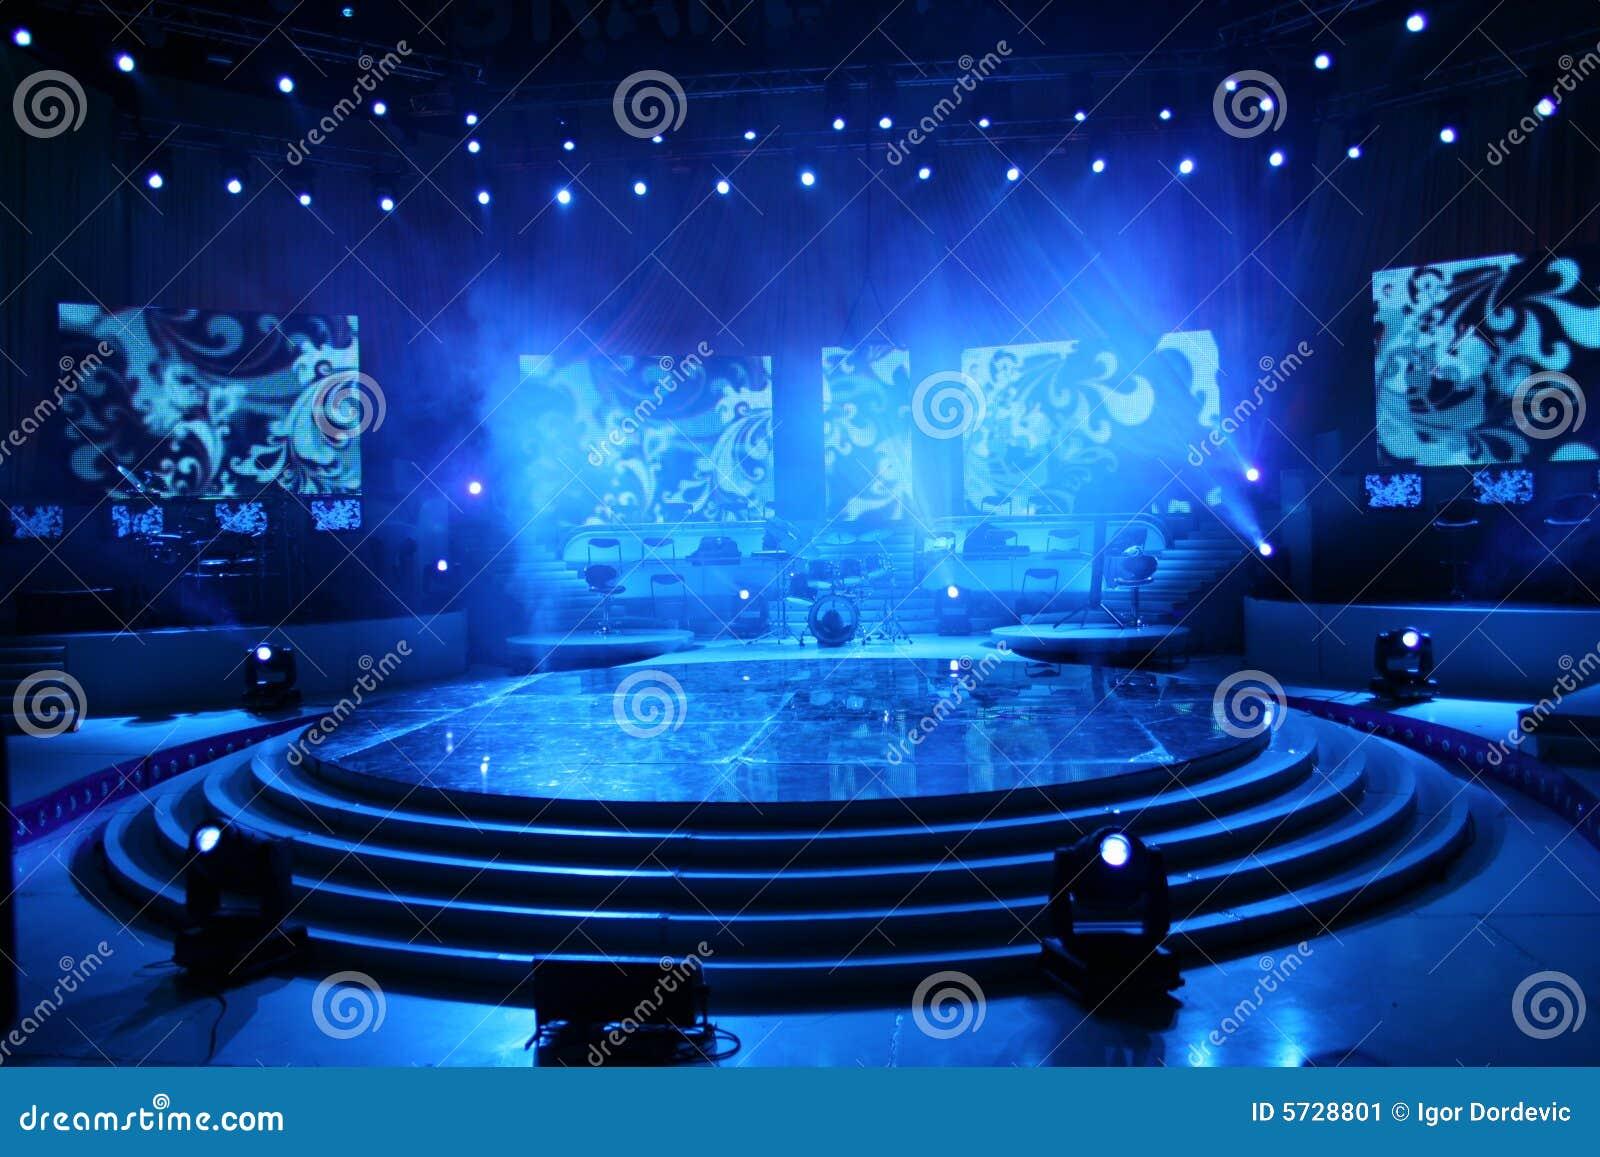 blue velvet curtain